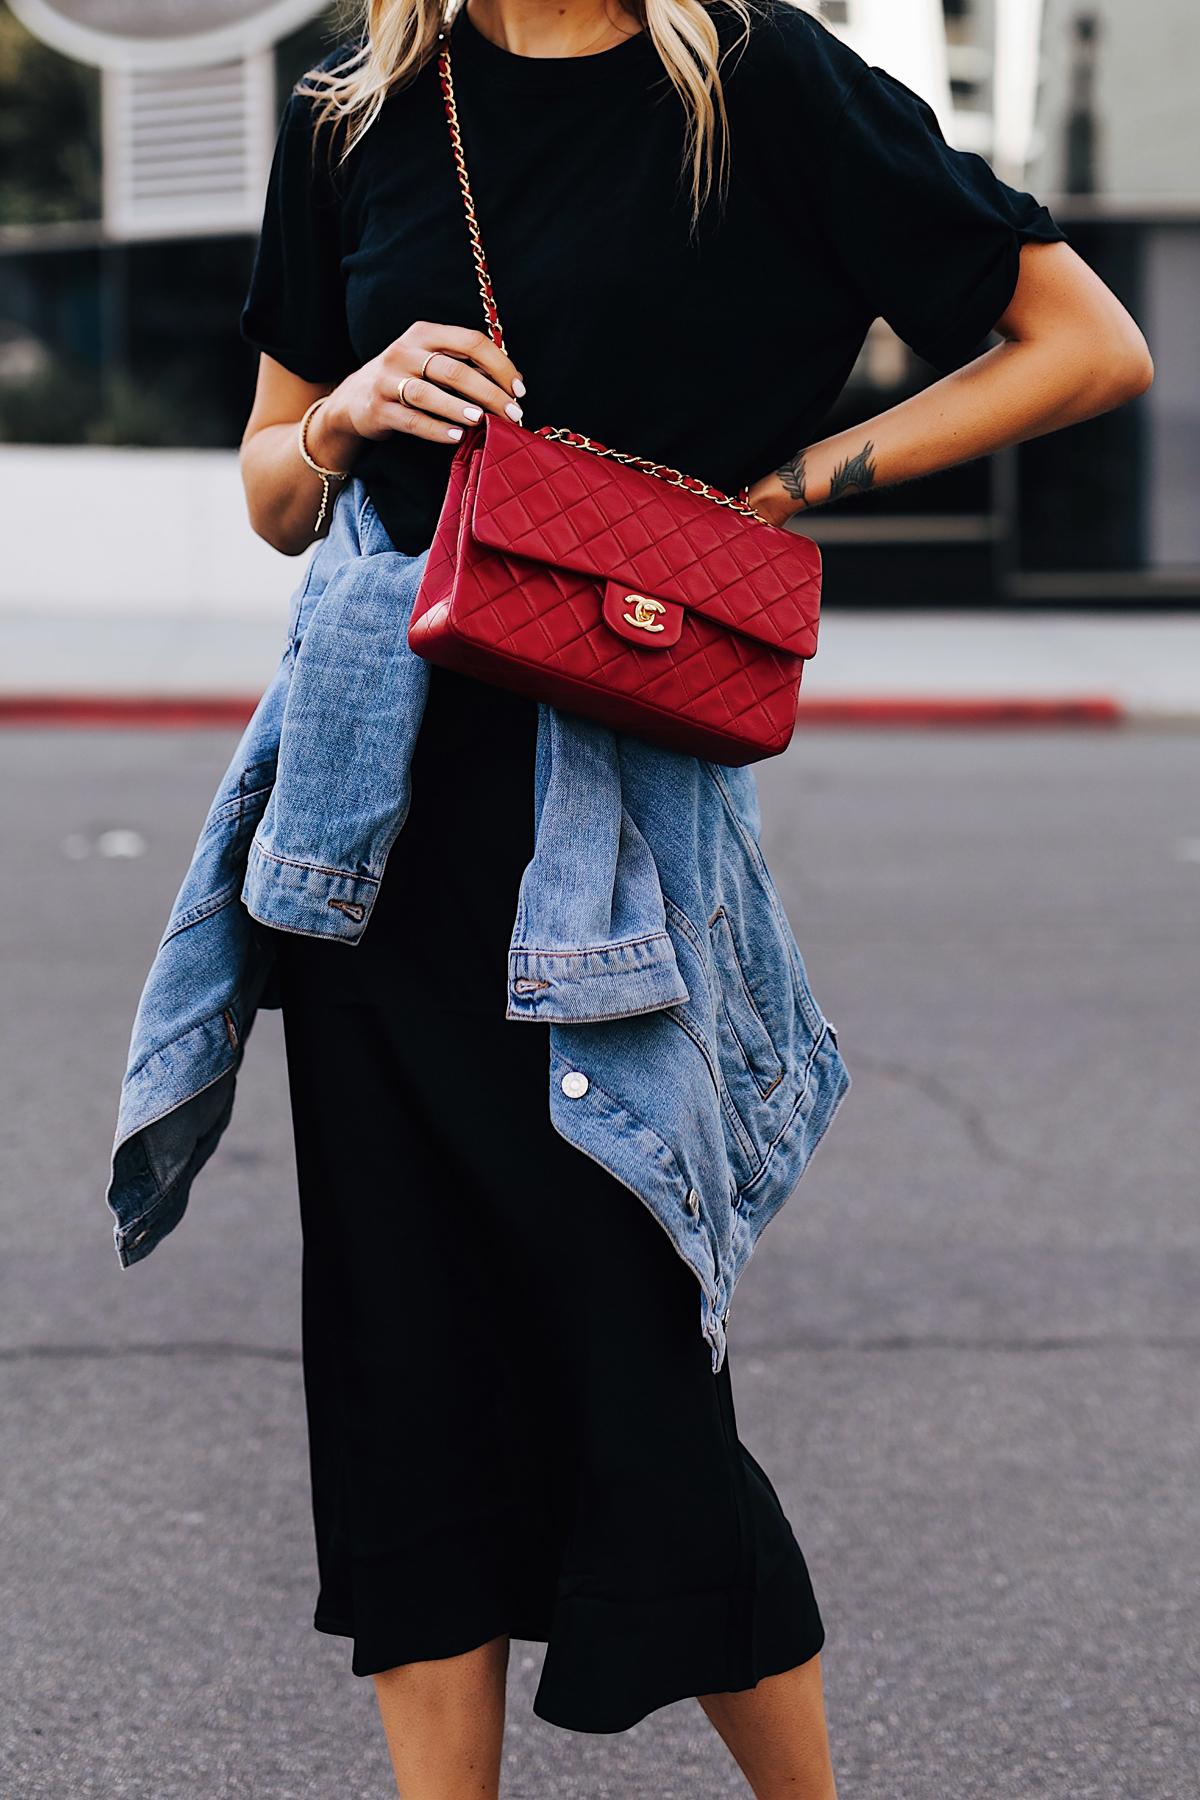 Fashion Jackson Wearing Black Tshirt Black Silk Skirt Denim Jacket Red Chanel Handbag